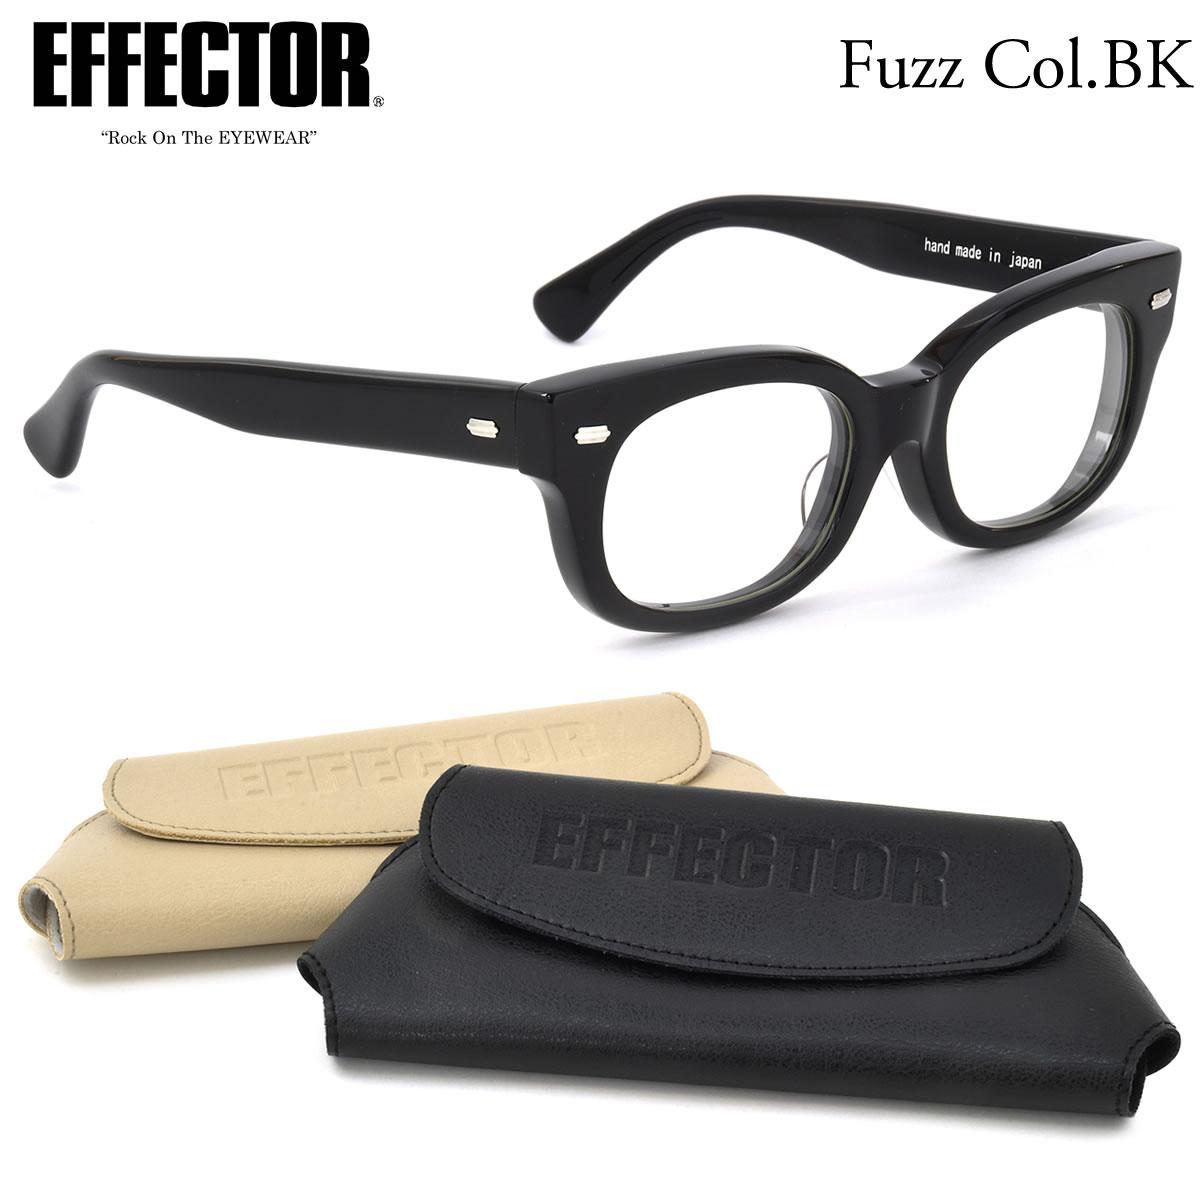 ほぼ全品ポイント15倍〜最大34倍! 【EFFECTOR】エフェクター 眼鏡 メガネ フレーム fuzz BK 52サイズ エフェクター EFFECTOR ファズ UVカット仕様伊達メガネレンズ付 日本製 メンズ レディース